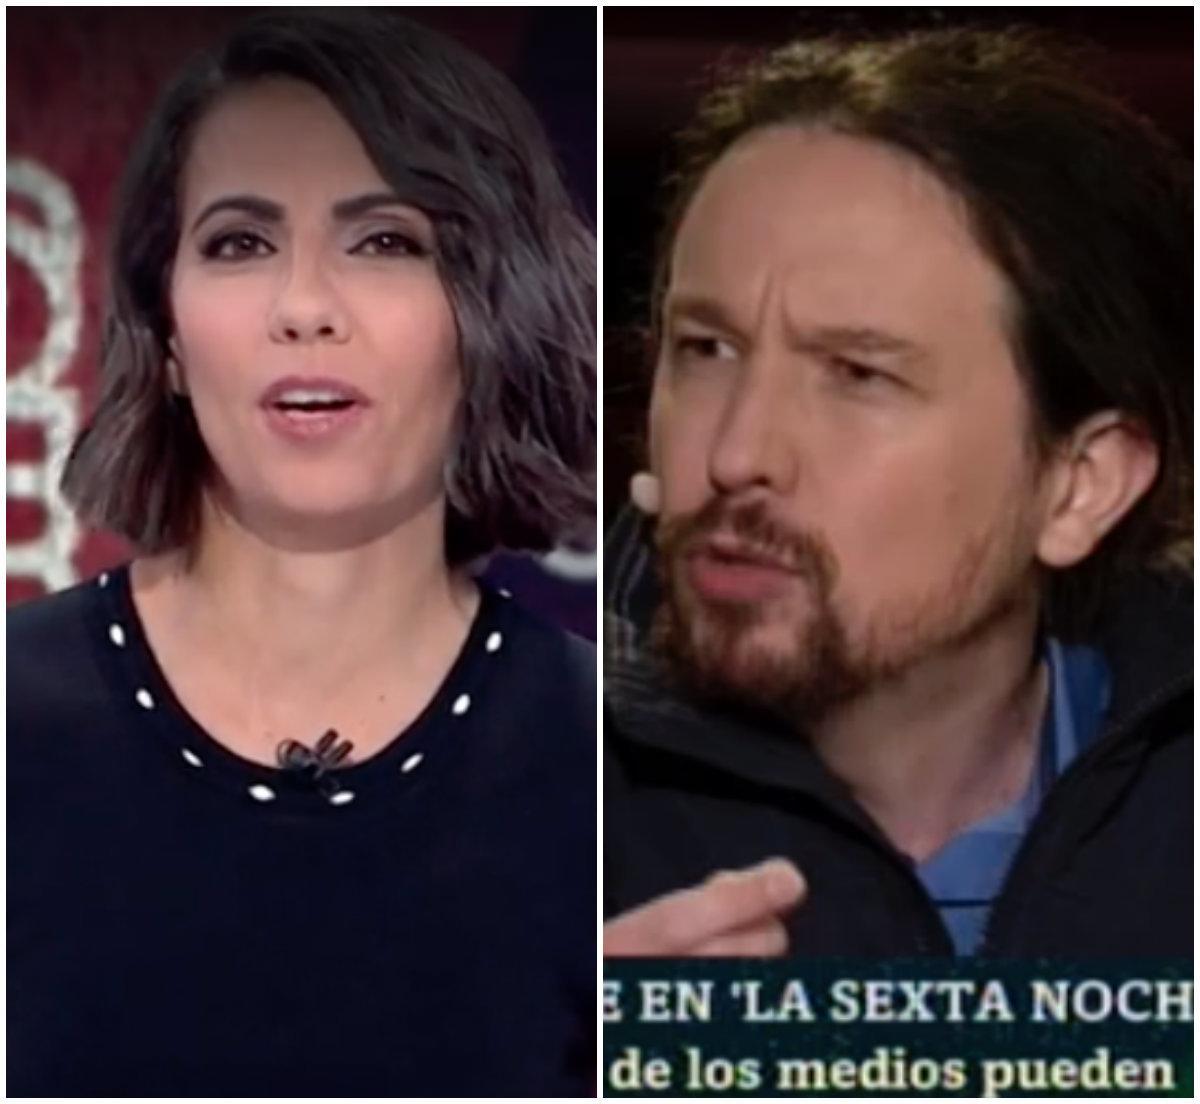 La respuesta de Ana Pastor a Pablo Iglesias tras este comentario sobre ella en 'LaSexta